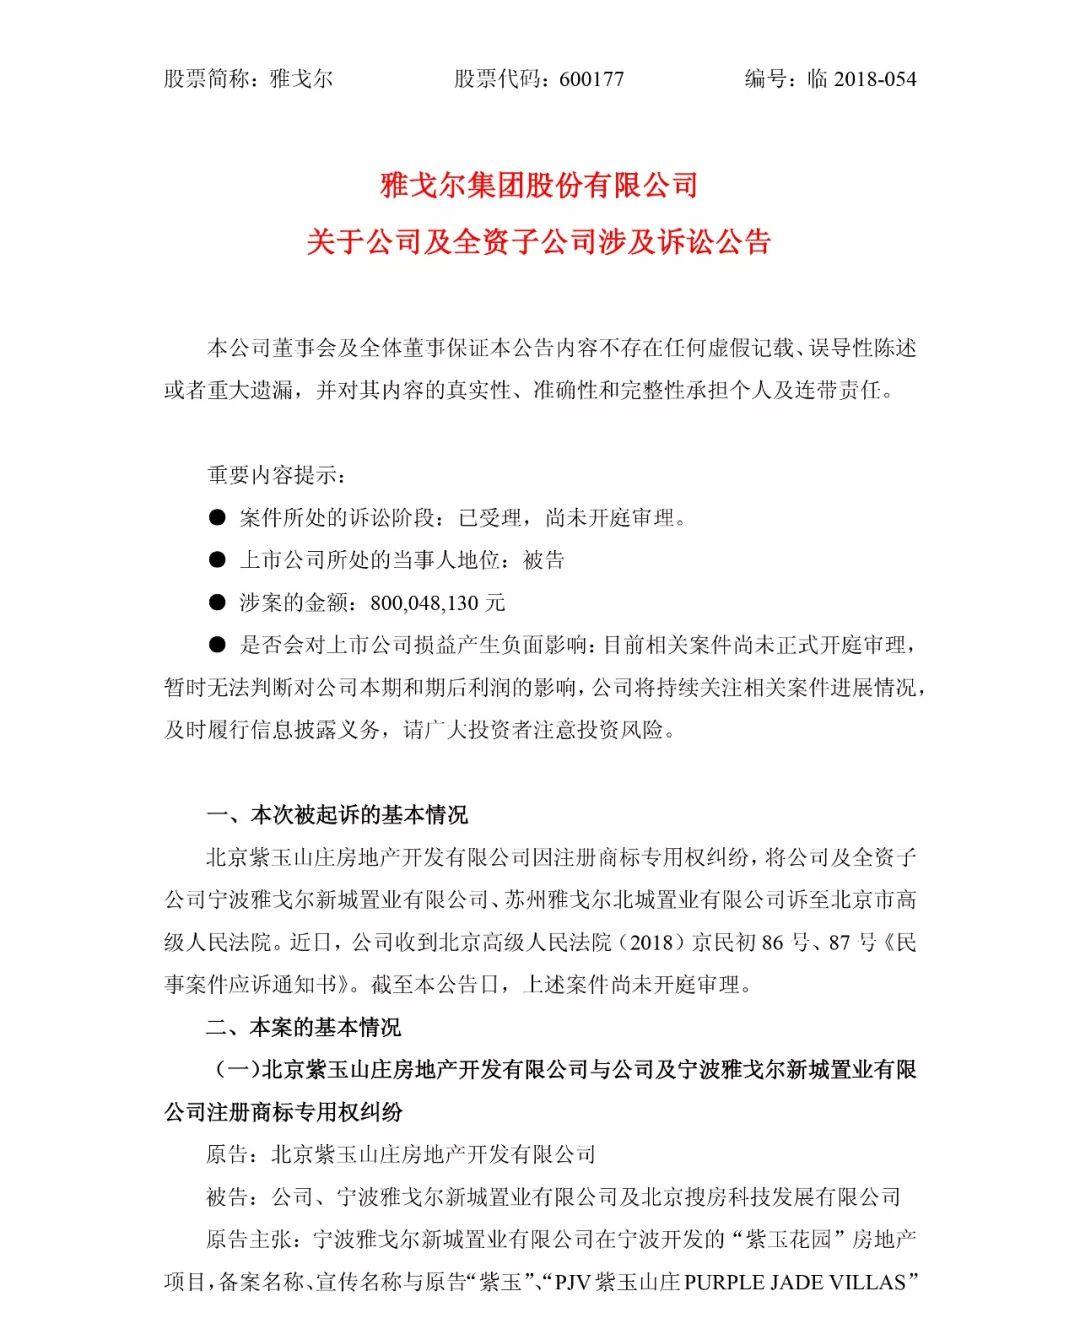 总涉案金额800,048,130 元!北京紫玉山庄诉雅戈尔集团商标侵权案